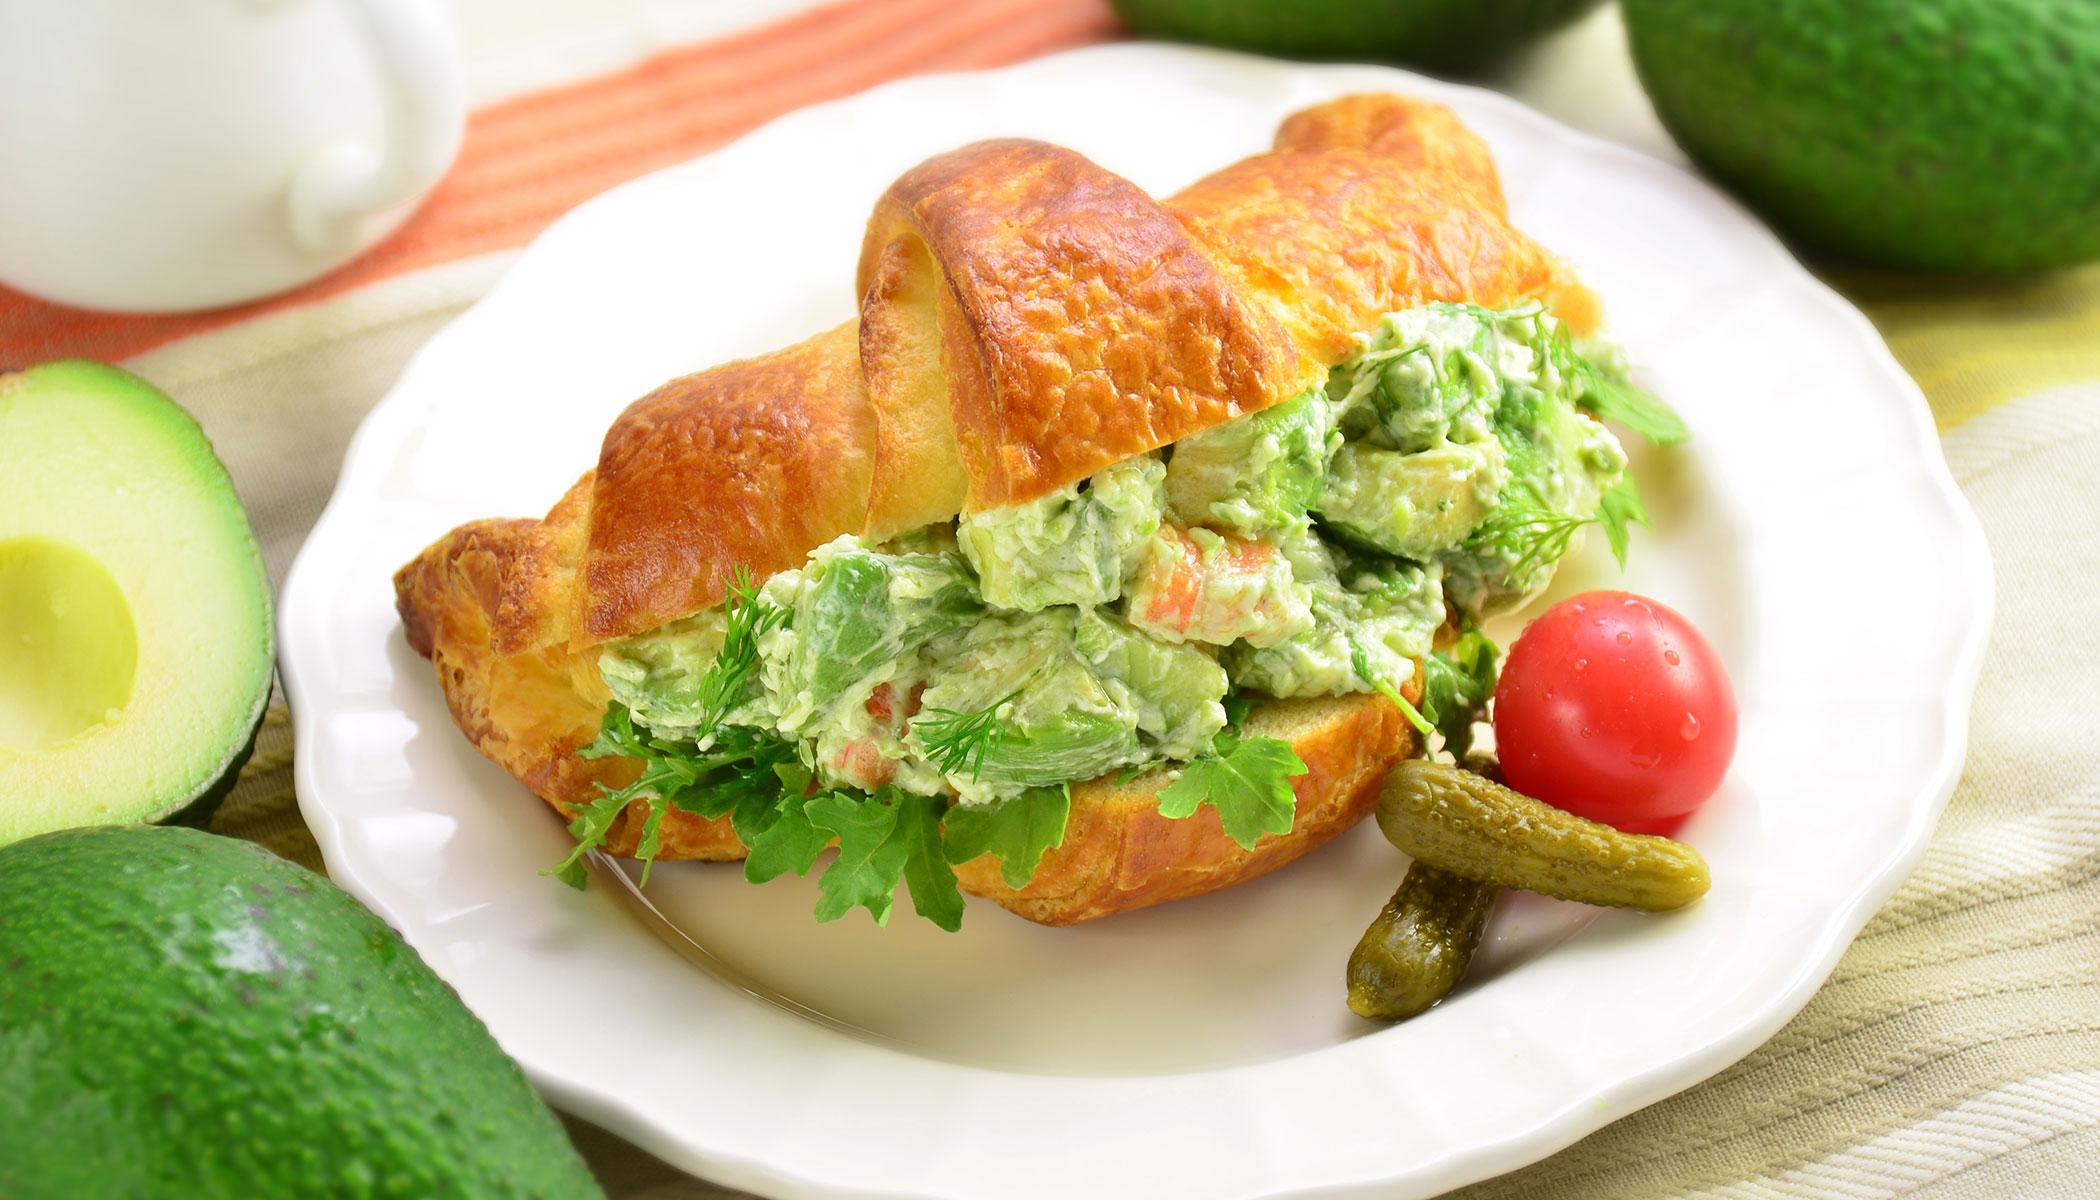 Avocado Shrimp Croissant Sandwich